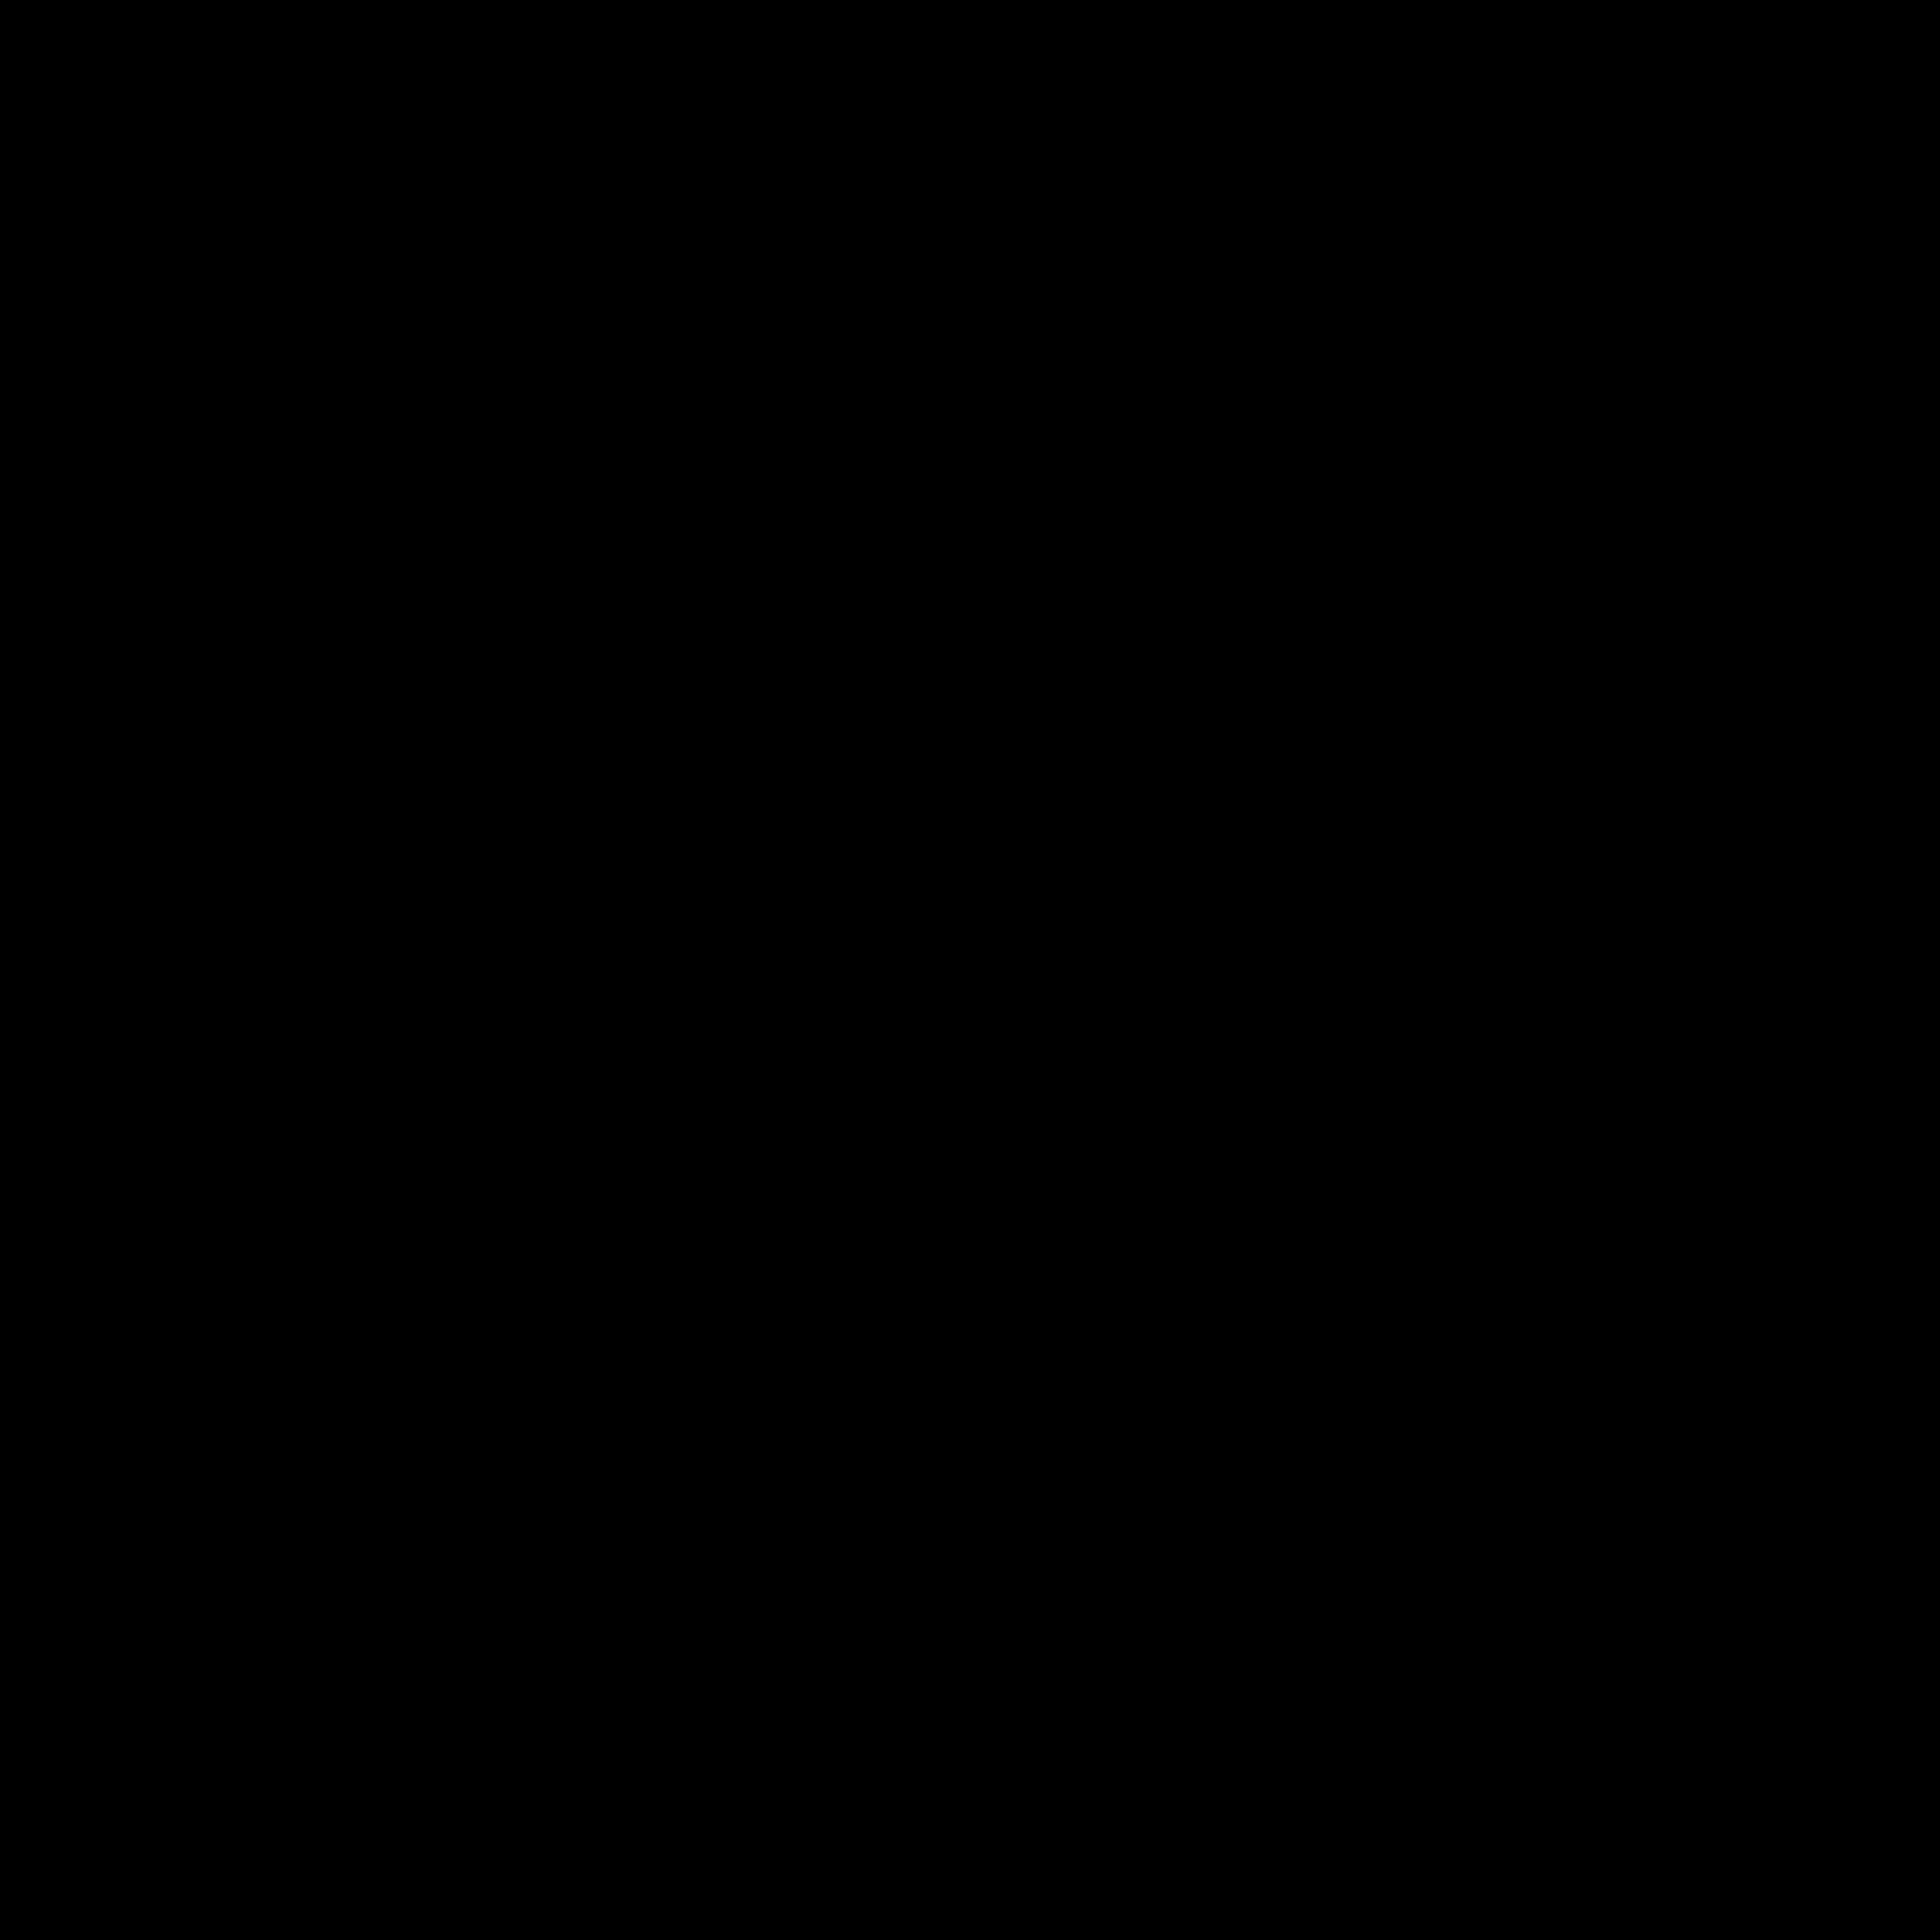 la couleur de l arri u00e8re plan couleur de l eau lignes image